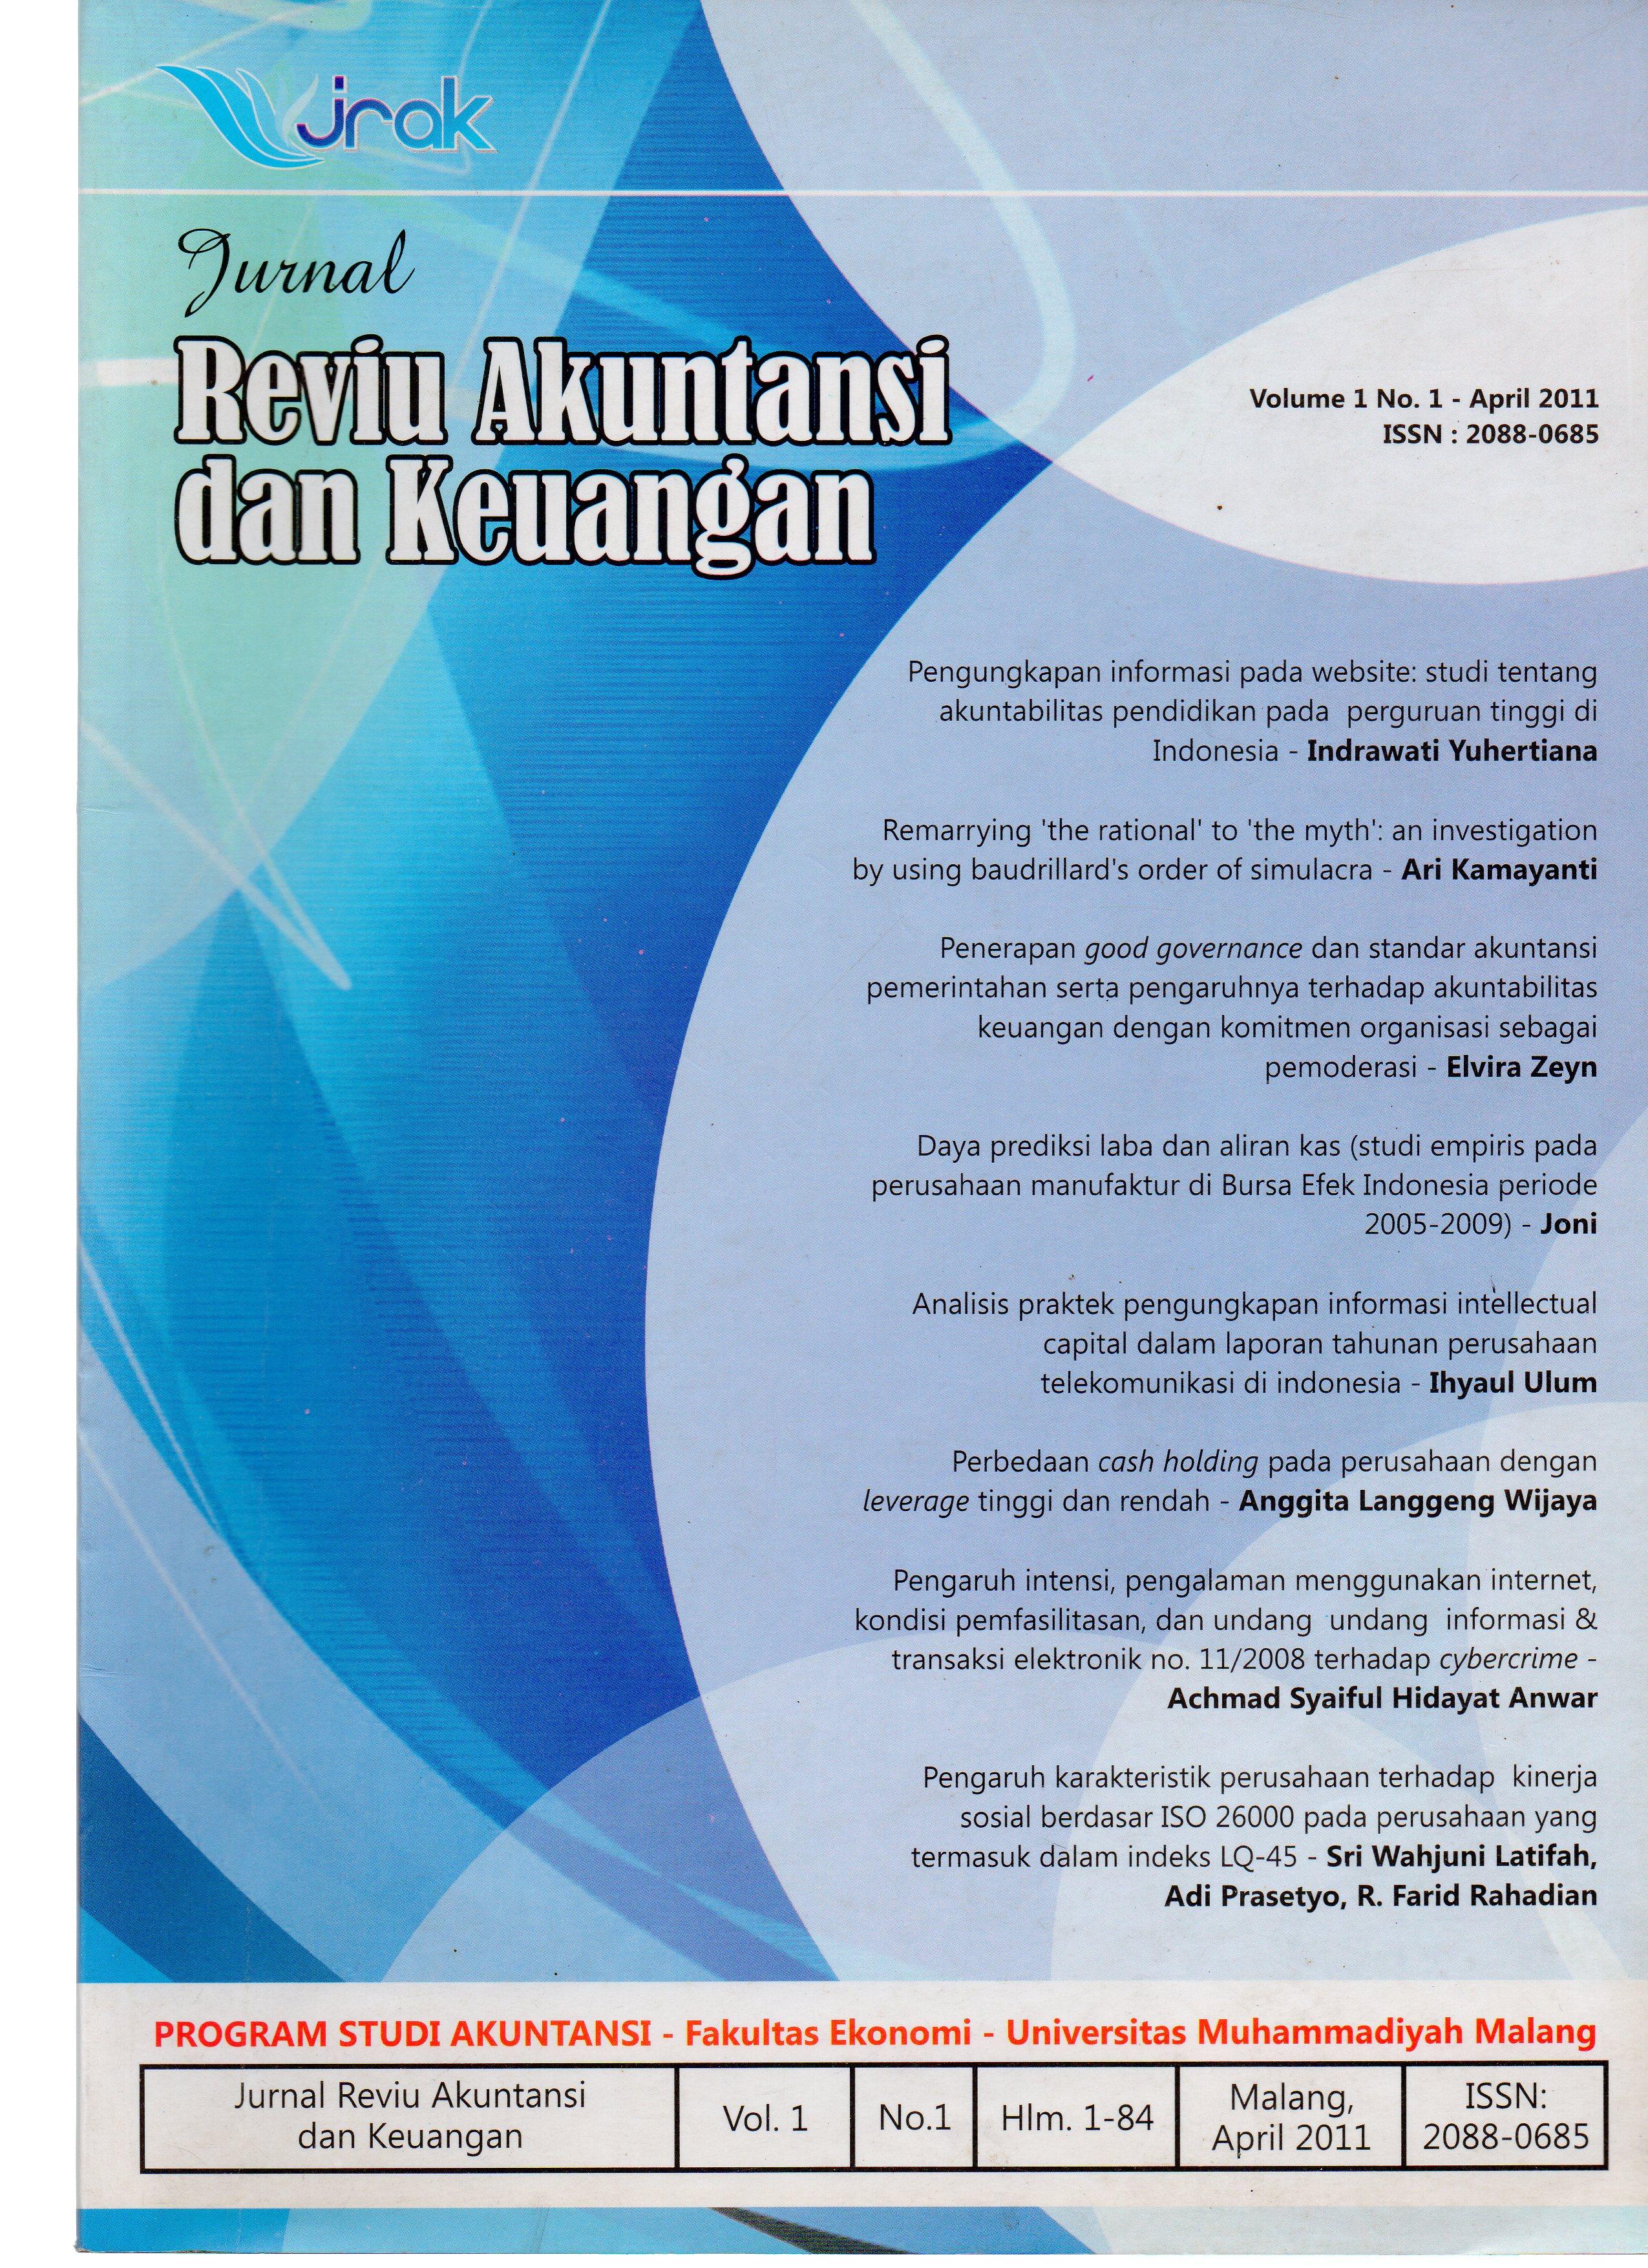 View Vol. 1 No. 1: Jurnal Reviu Akuntansi dan Keuangan